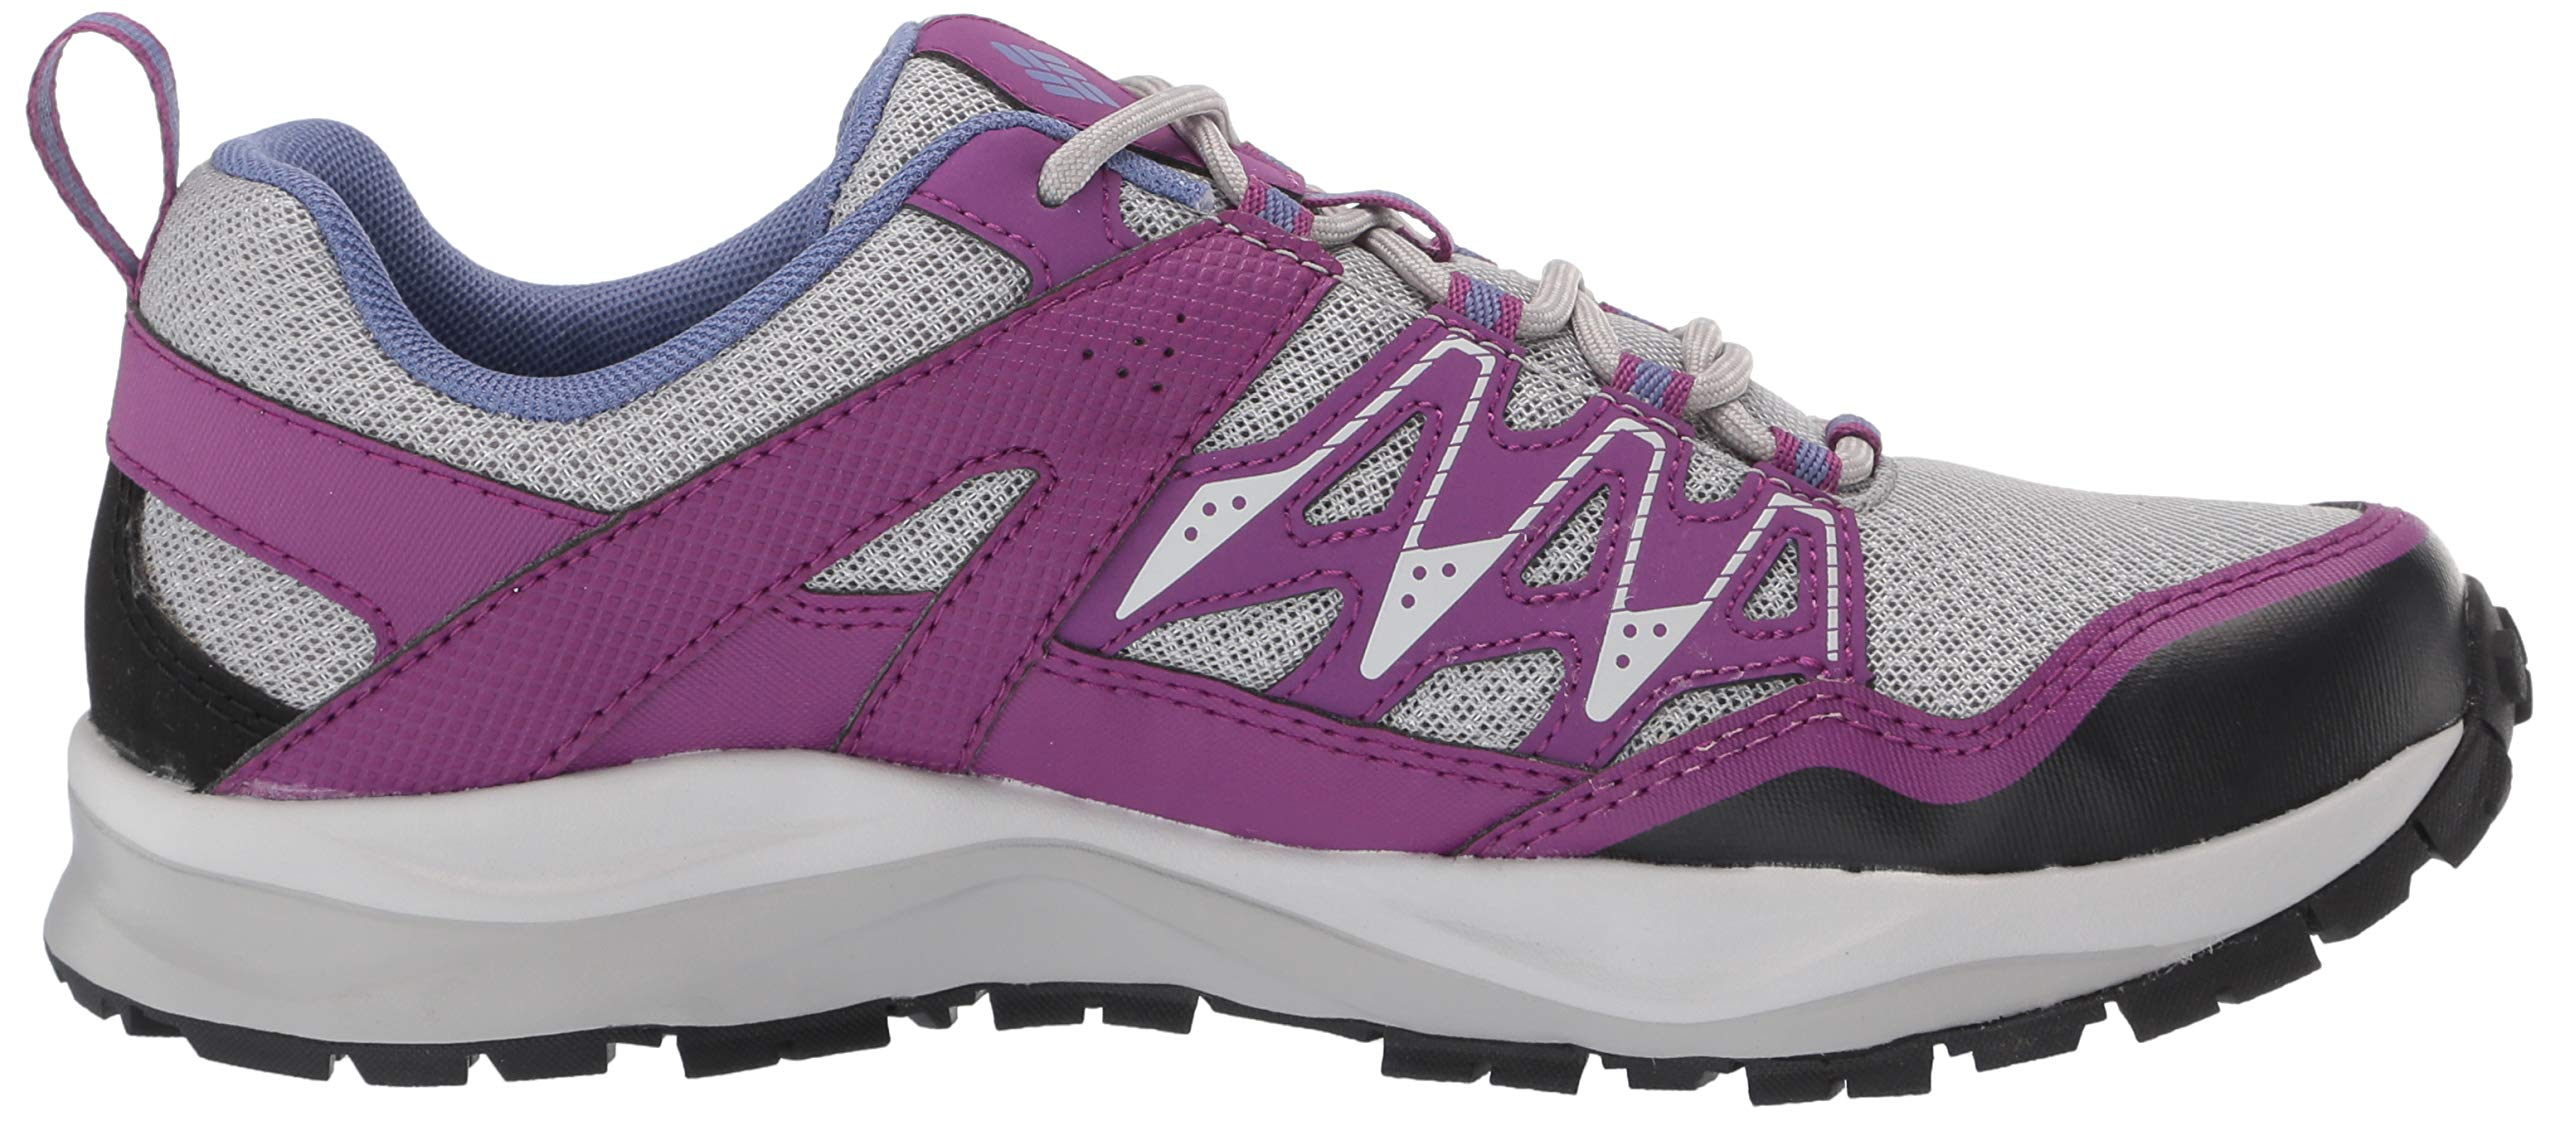 81BoTCt7p L - Columbia Women's WAYFINDER Hiking Shoes